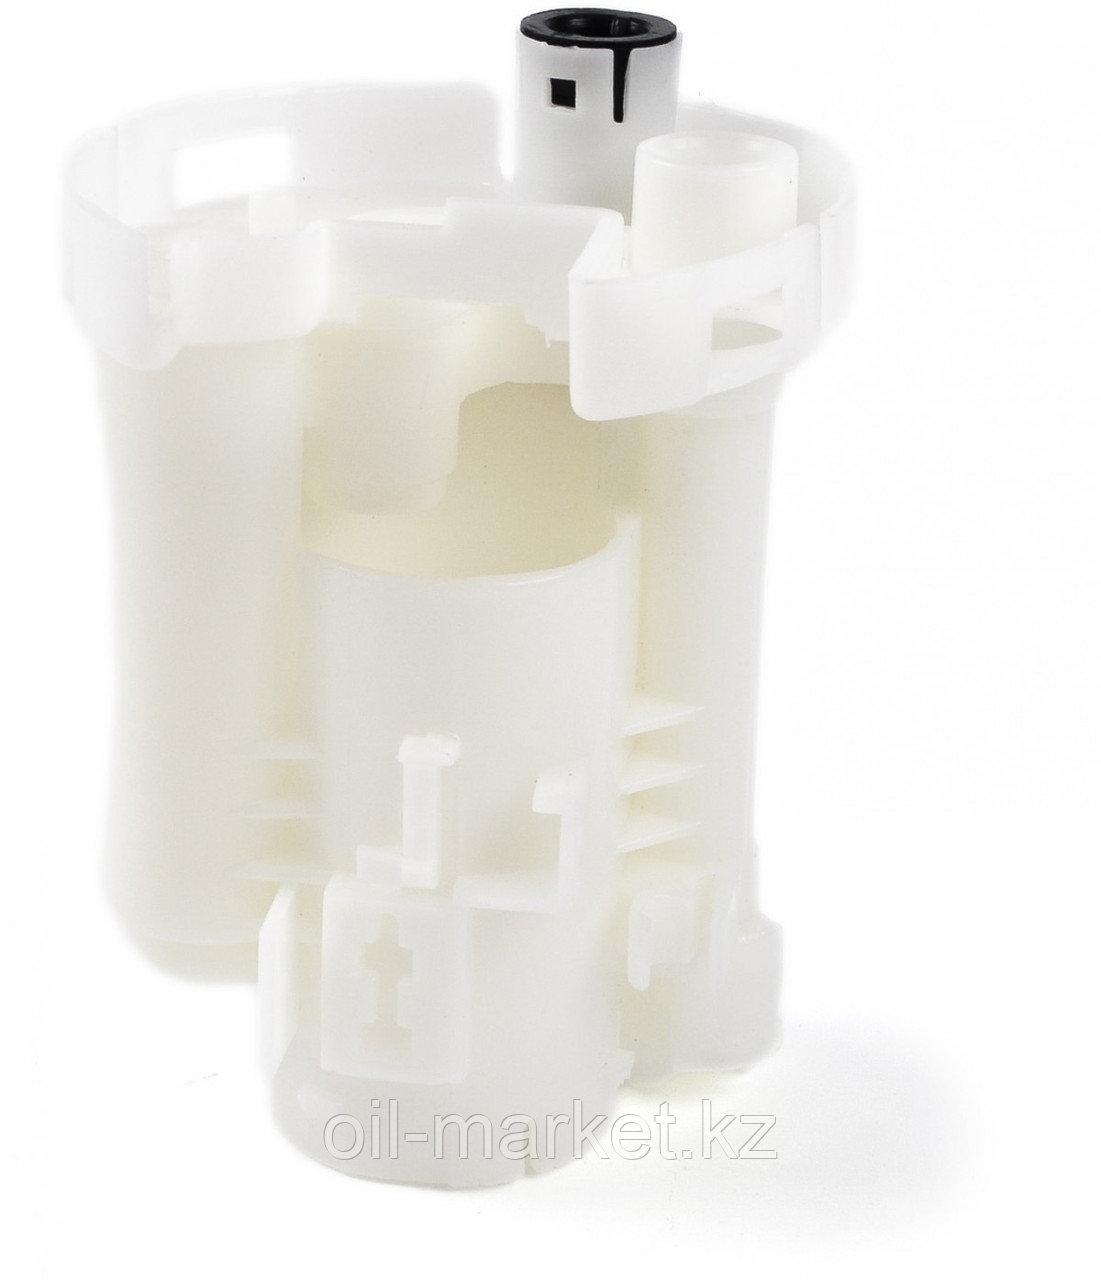 Топливный фильтр TOYOTA CAMRY ACV30/40 /COROLLA 02- / LEXUS RX300 MCU10/15 00-03